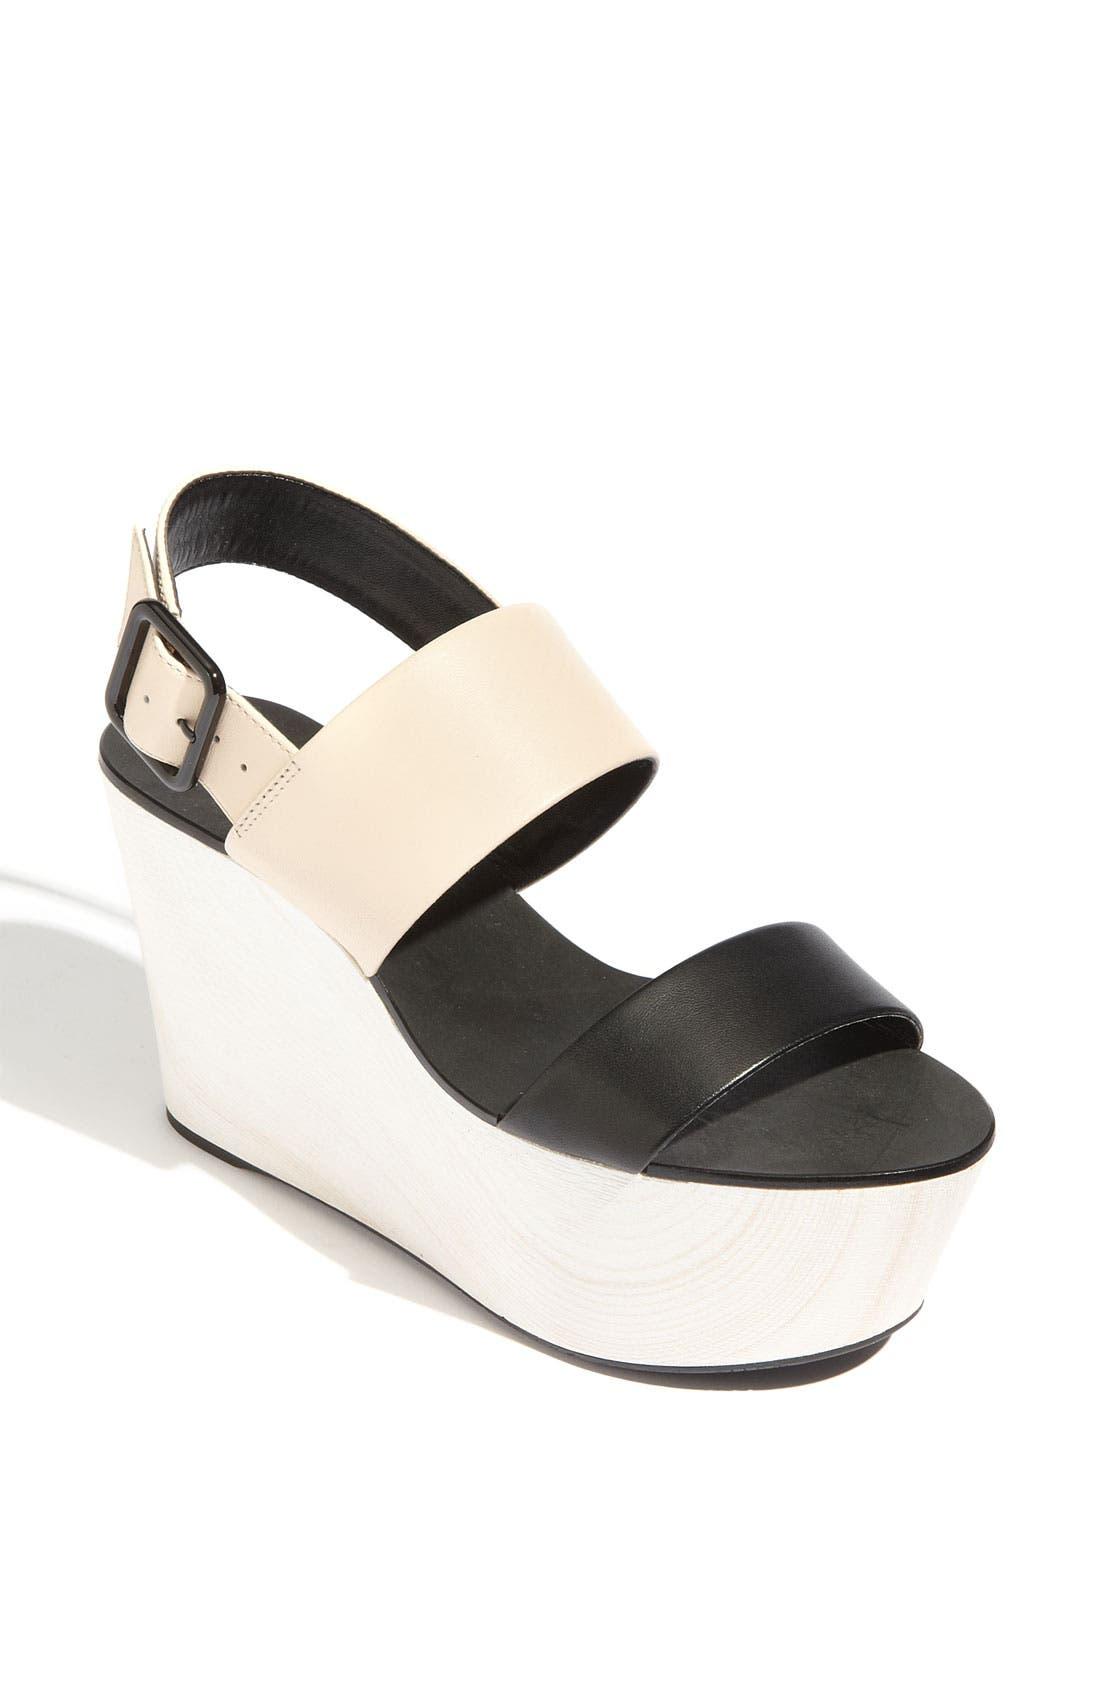 Main Image - BCBGeneration 'Kammie' Sandal